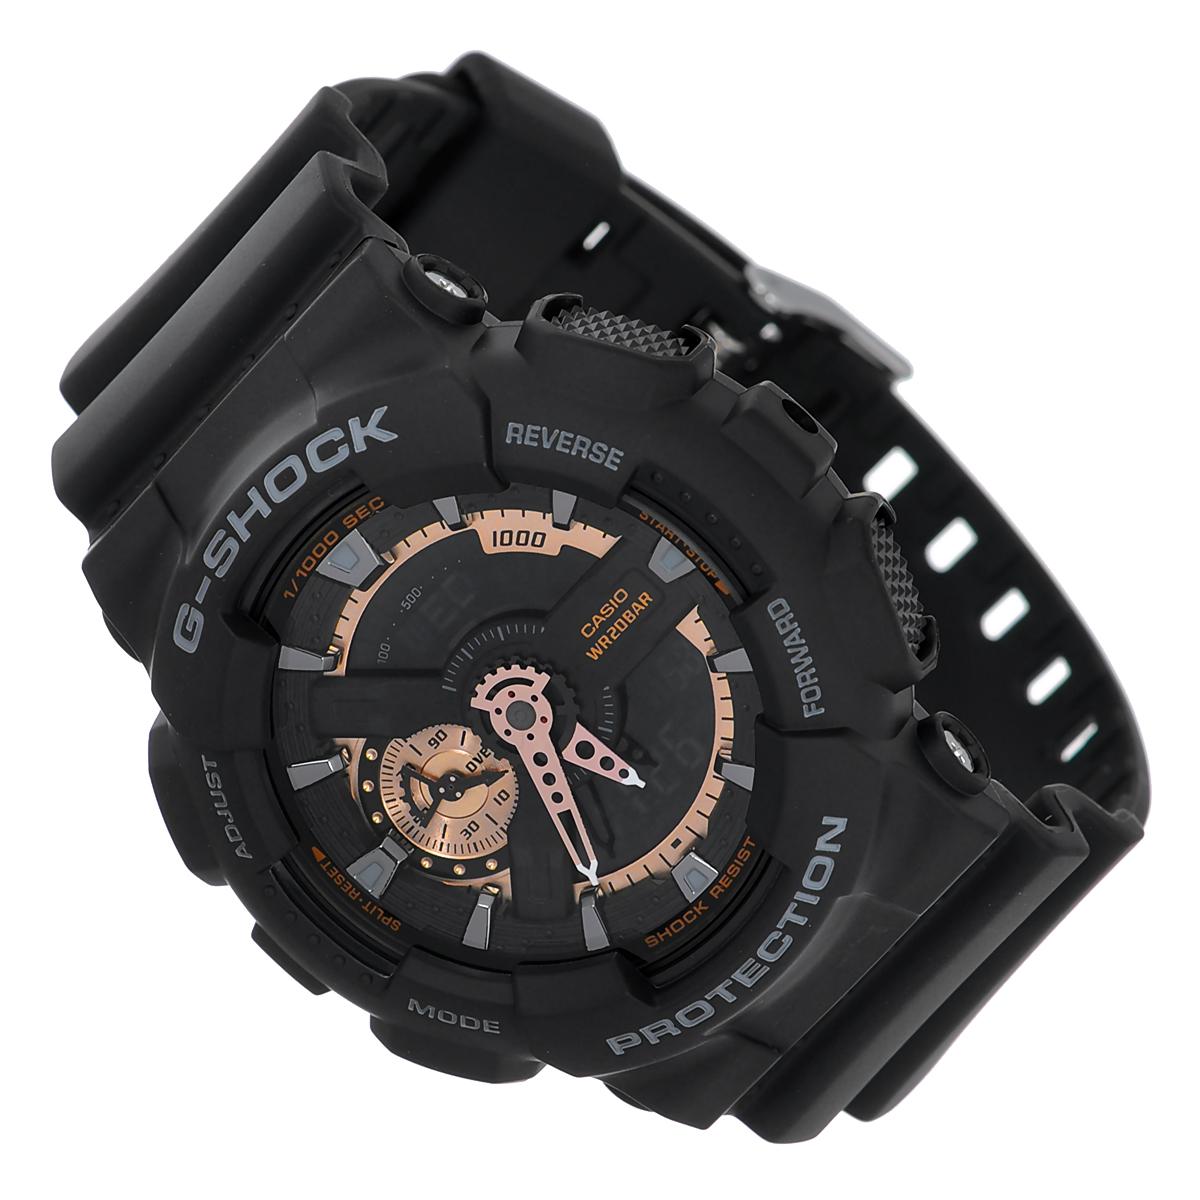 Часы мужские наручные Casio G-Shock, цвет: черный. GA-110RG-1AGA-110RG-1AСтильные часы G-Shock от японского брэнда Casio - это яркий функциональный аксессуар для современных людей, которые стремятся выделиться из толпы и подчеркнуть свою индивидуальность. Часы выполнены в спортивном стиле. Корпус имеет ударопрочную конструкцию, защищающую механизм от ударов и вибрации. Циферблат подсвечивается светодиодом, функция автоподсветки освещает циферблат при повороте часов к лицу. Ремешок из мягкого пластика имеет классическую застежку. Основные функции: - 5 будильников, один с функцией повтора сигнала (чтобы отложить пробуждение), ежечасный сигнал; - автоматический календарь (число, месяц, день недели, год); - секундомер с точностью показаний 1/1000 с, время измерения 100 часов; - 12-ти и 24-х часовой формат времени; - таймер обратного отсчета от 1 мин до 24 ч с автоповтором; - мировое время; - сплит-хронограф; - защита от магнитных полей. ...